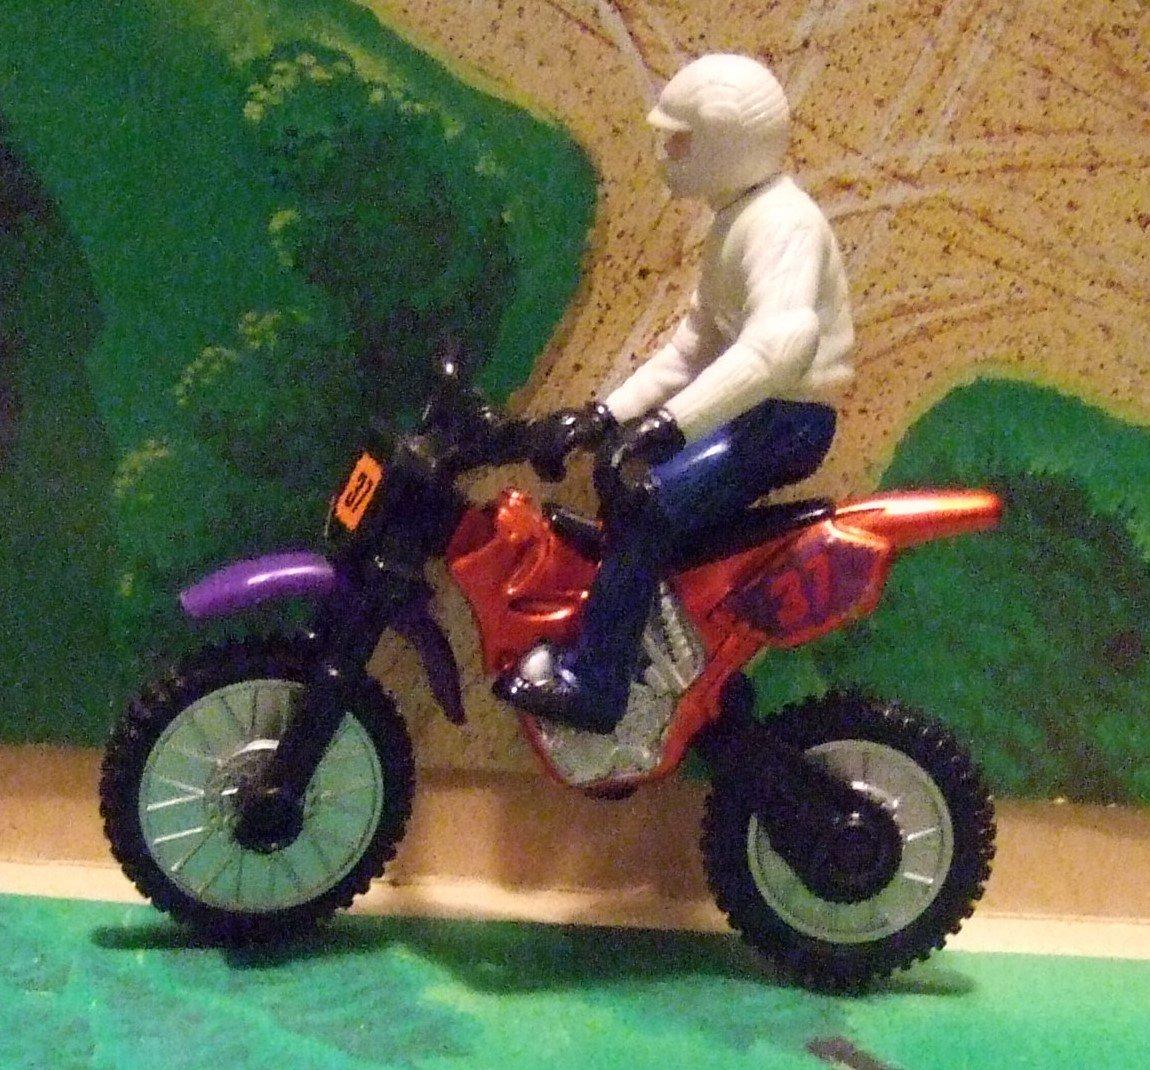 Guy On Motocycle Toy